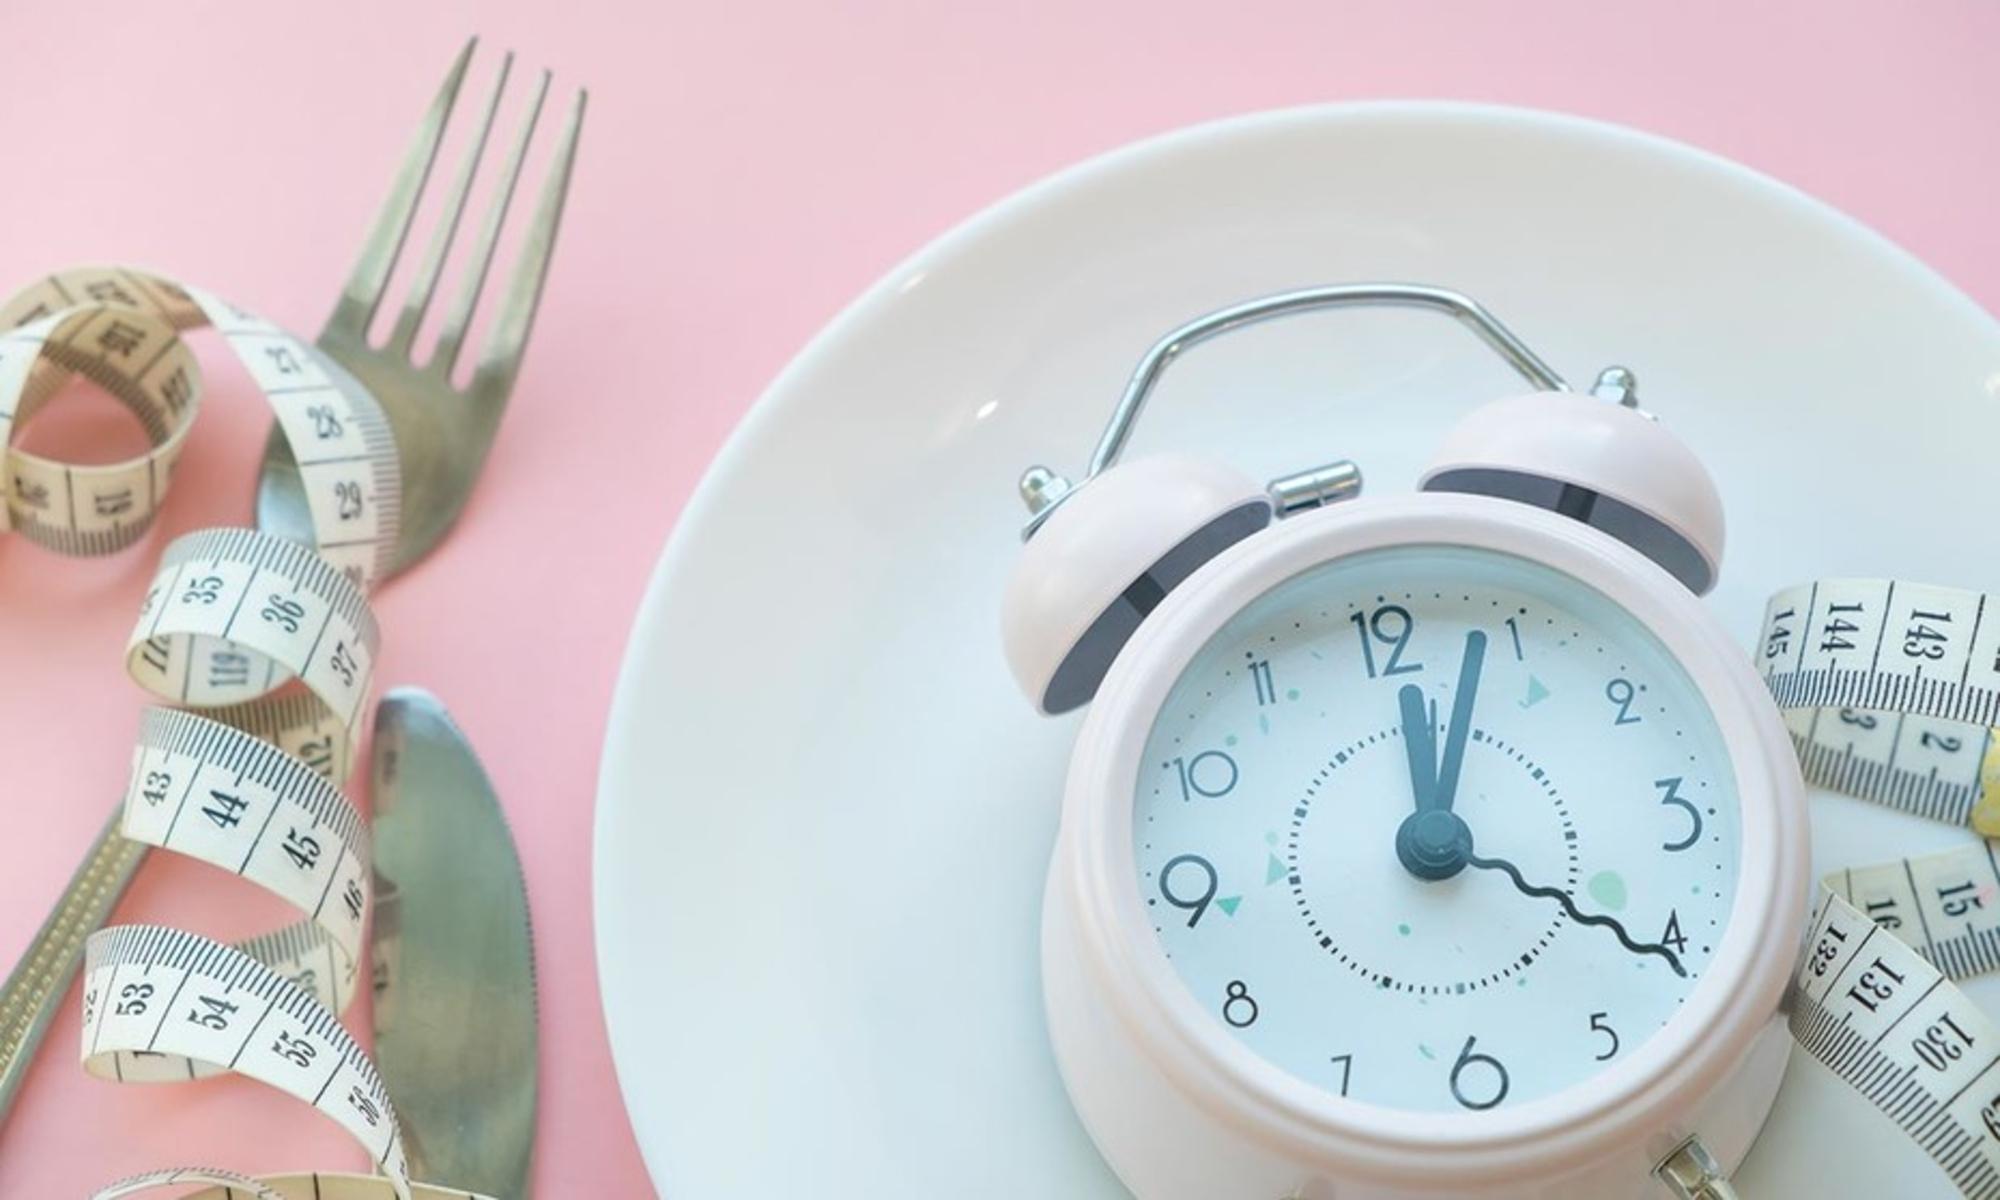 Διαλειμματική διαίτα: Οι διαλειμματικές δίαιτες δεν είναι ο αποτελεσματικότερος τρόπος απώλειας βάρους